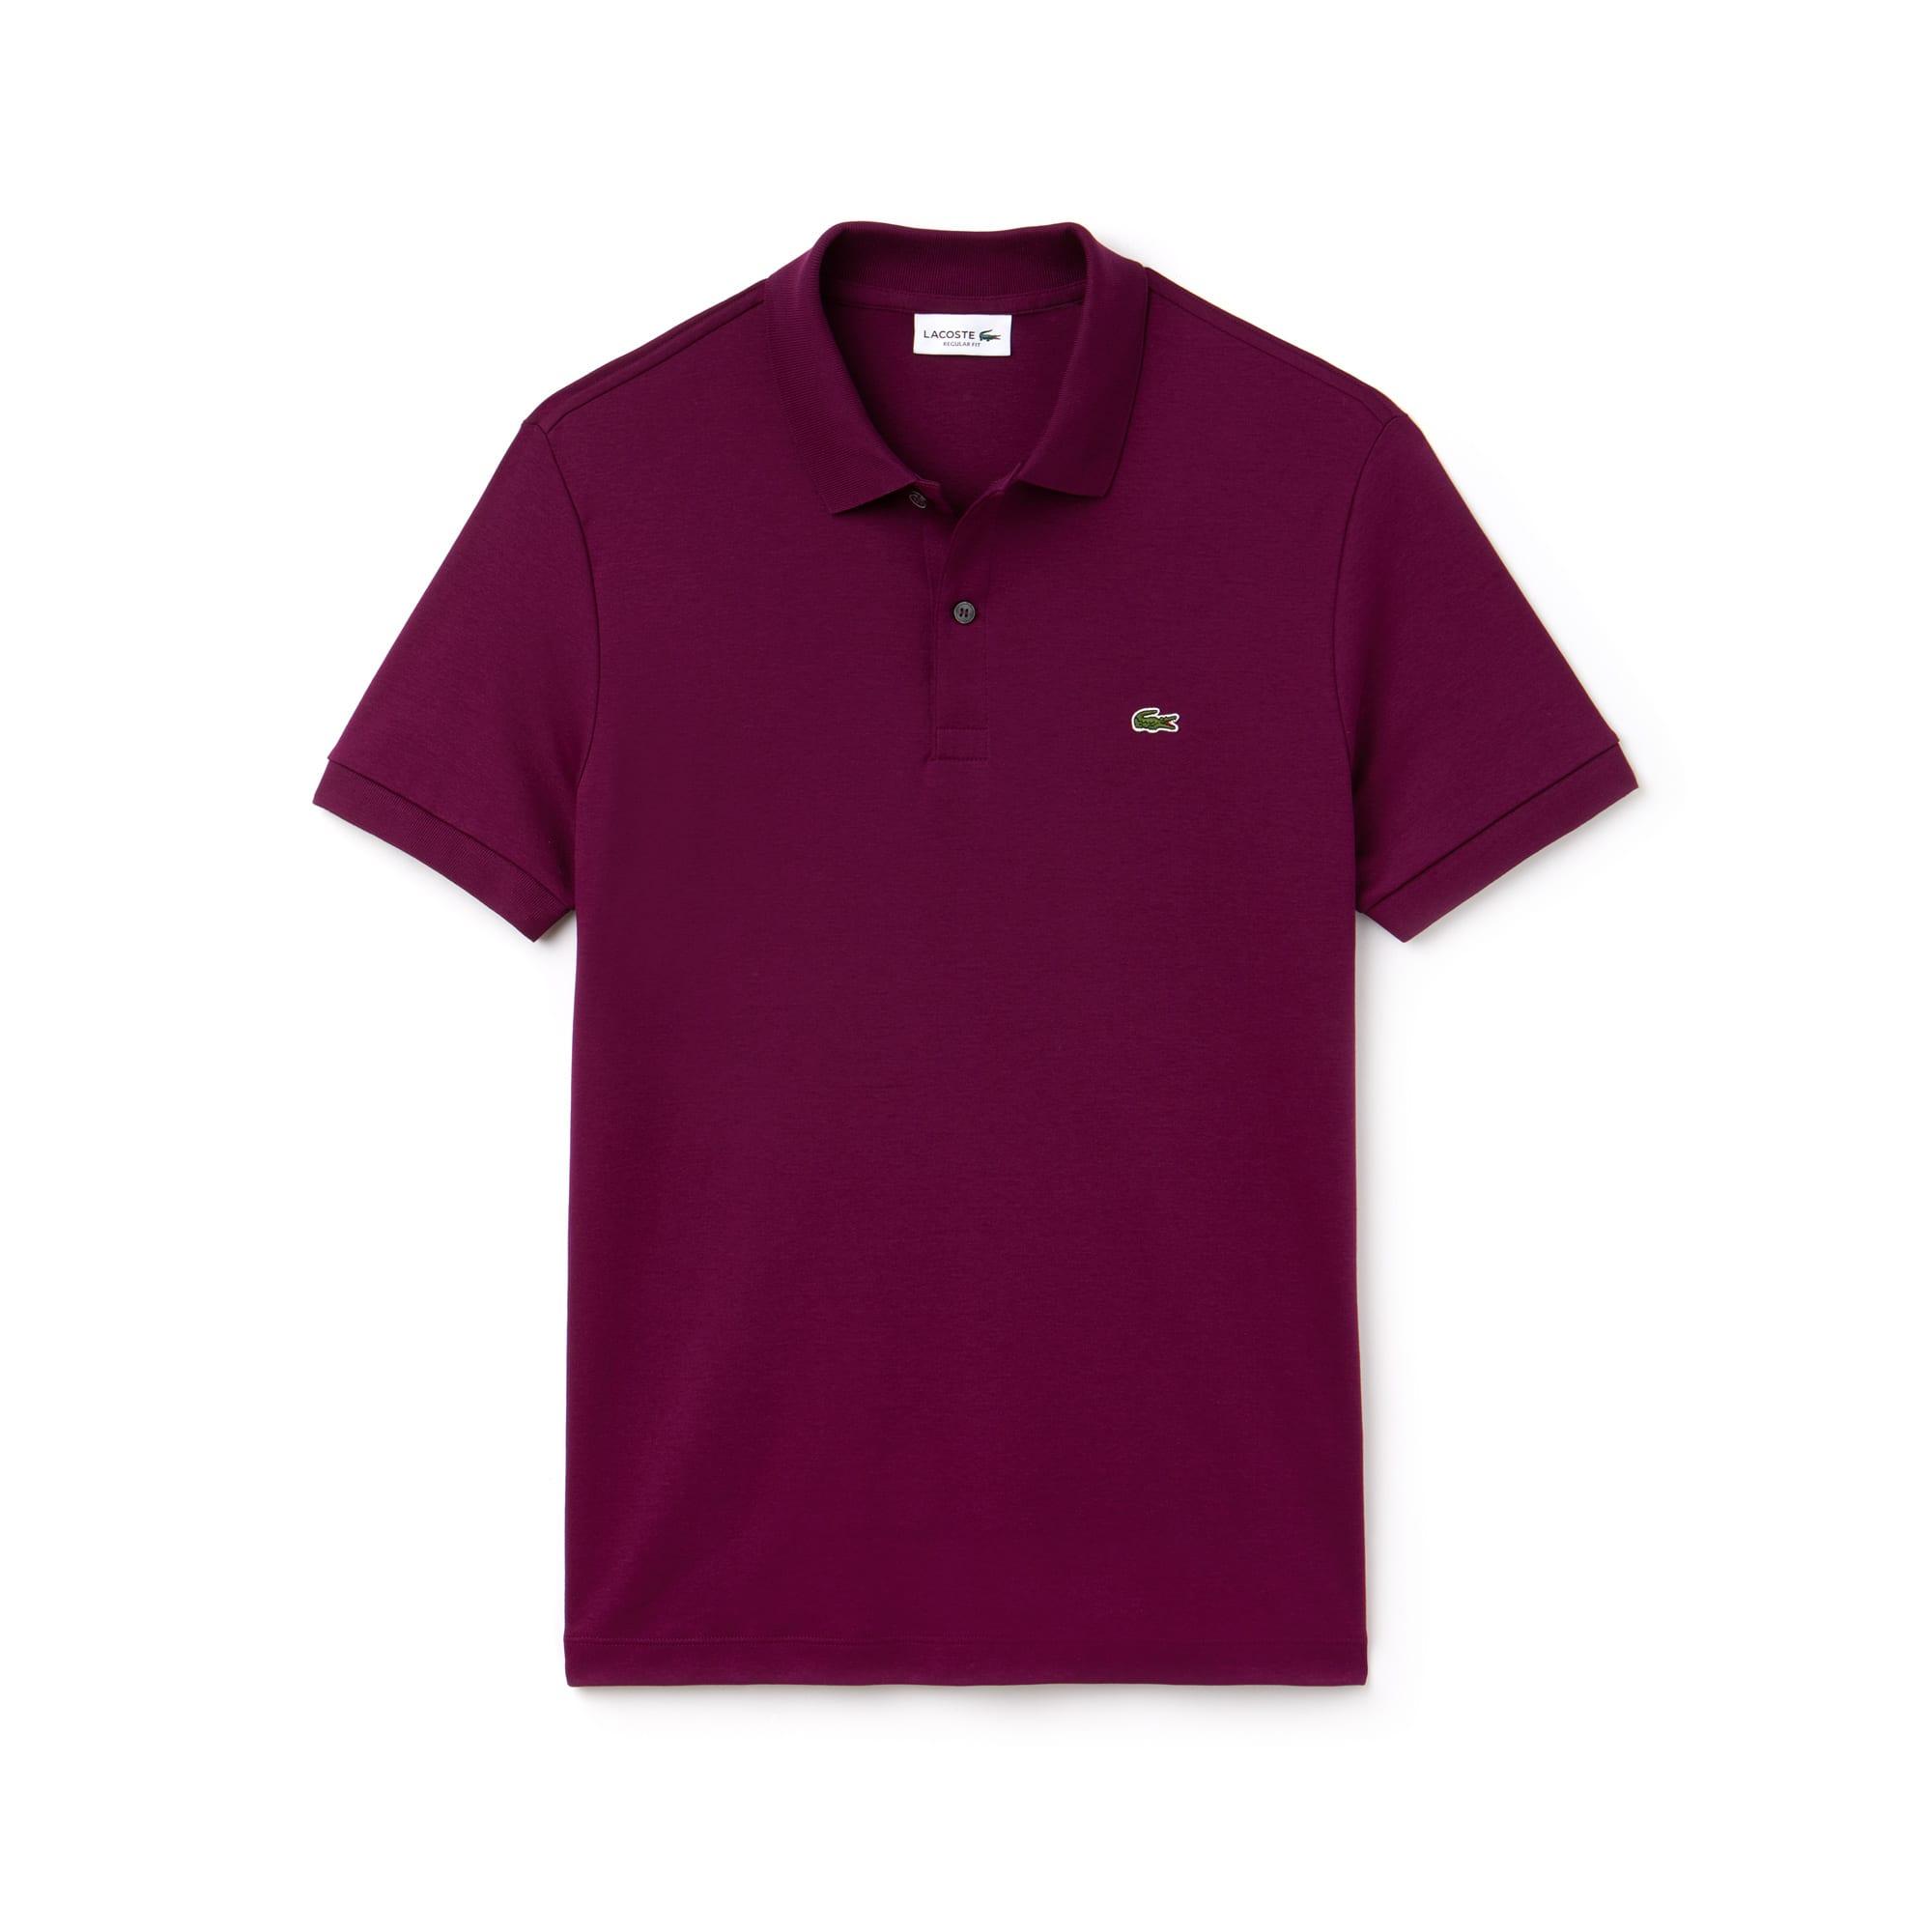 라코스테 Lacoste Mens Regular Fit Pima Cotton Interlock Polo,urchin purple